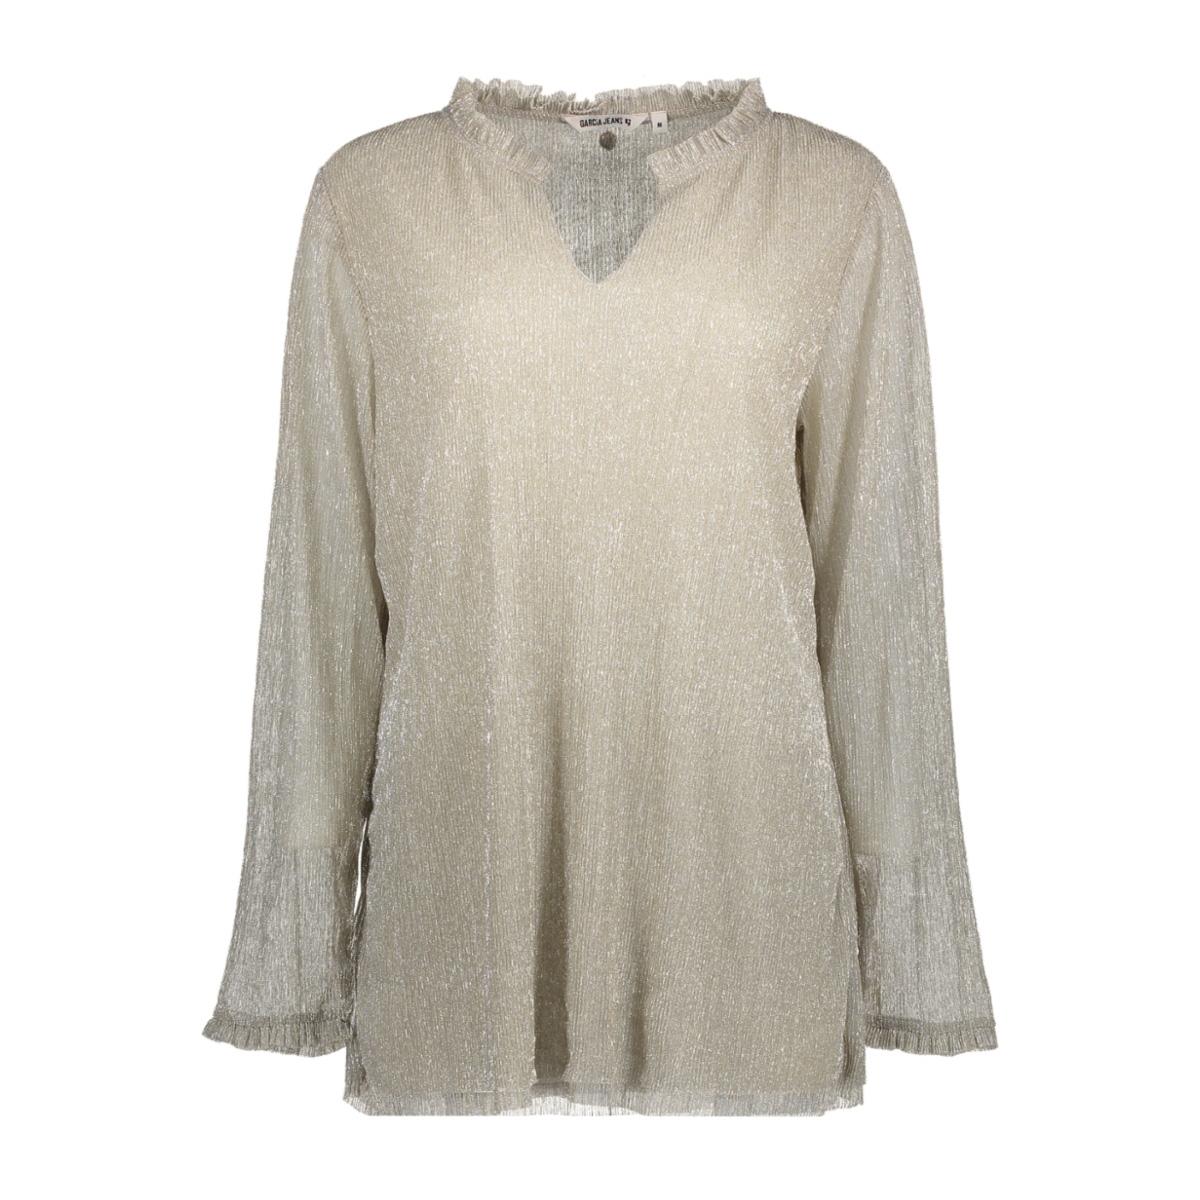 x80008 garcia blouse 23 champagne